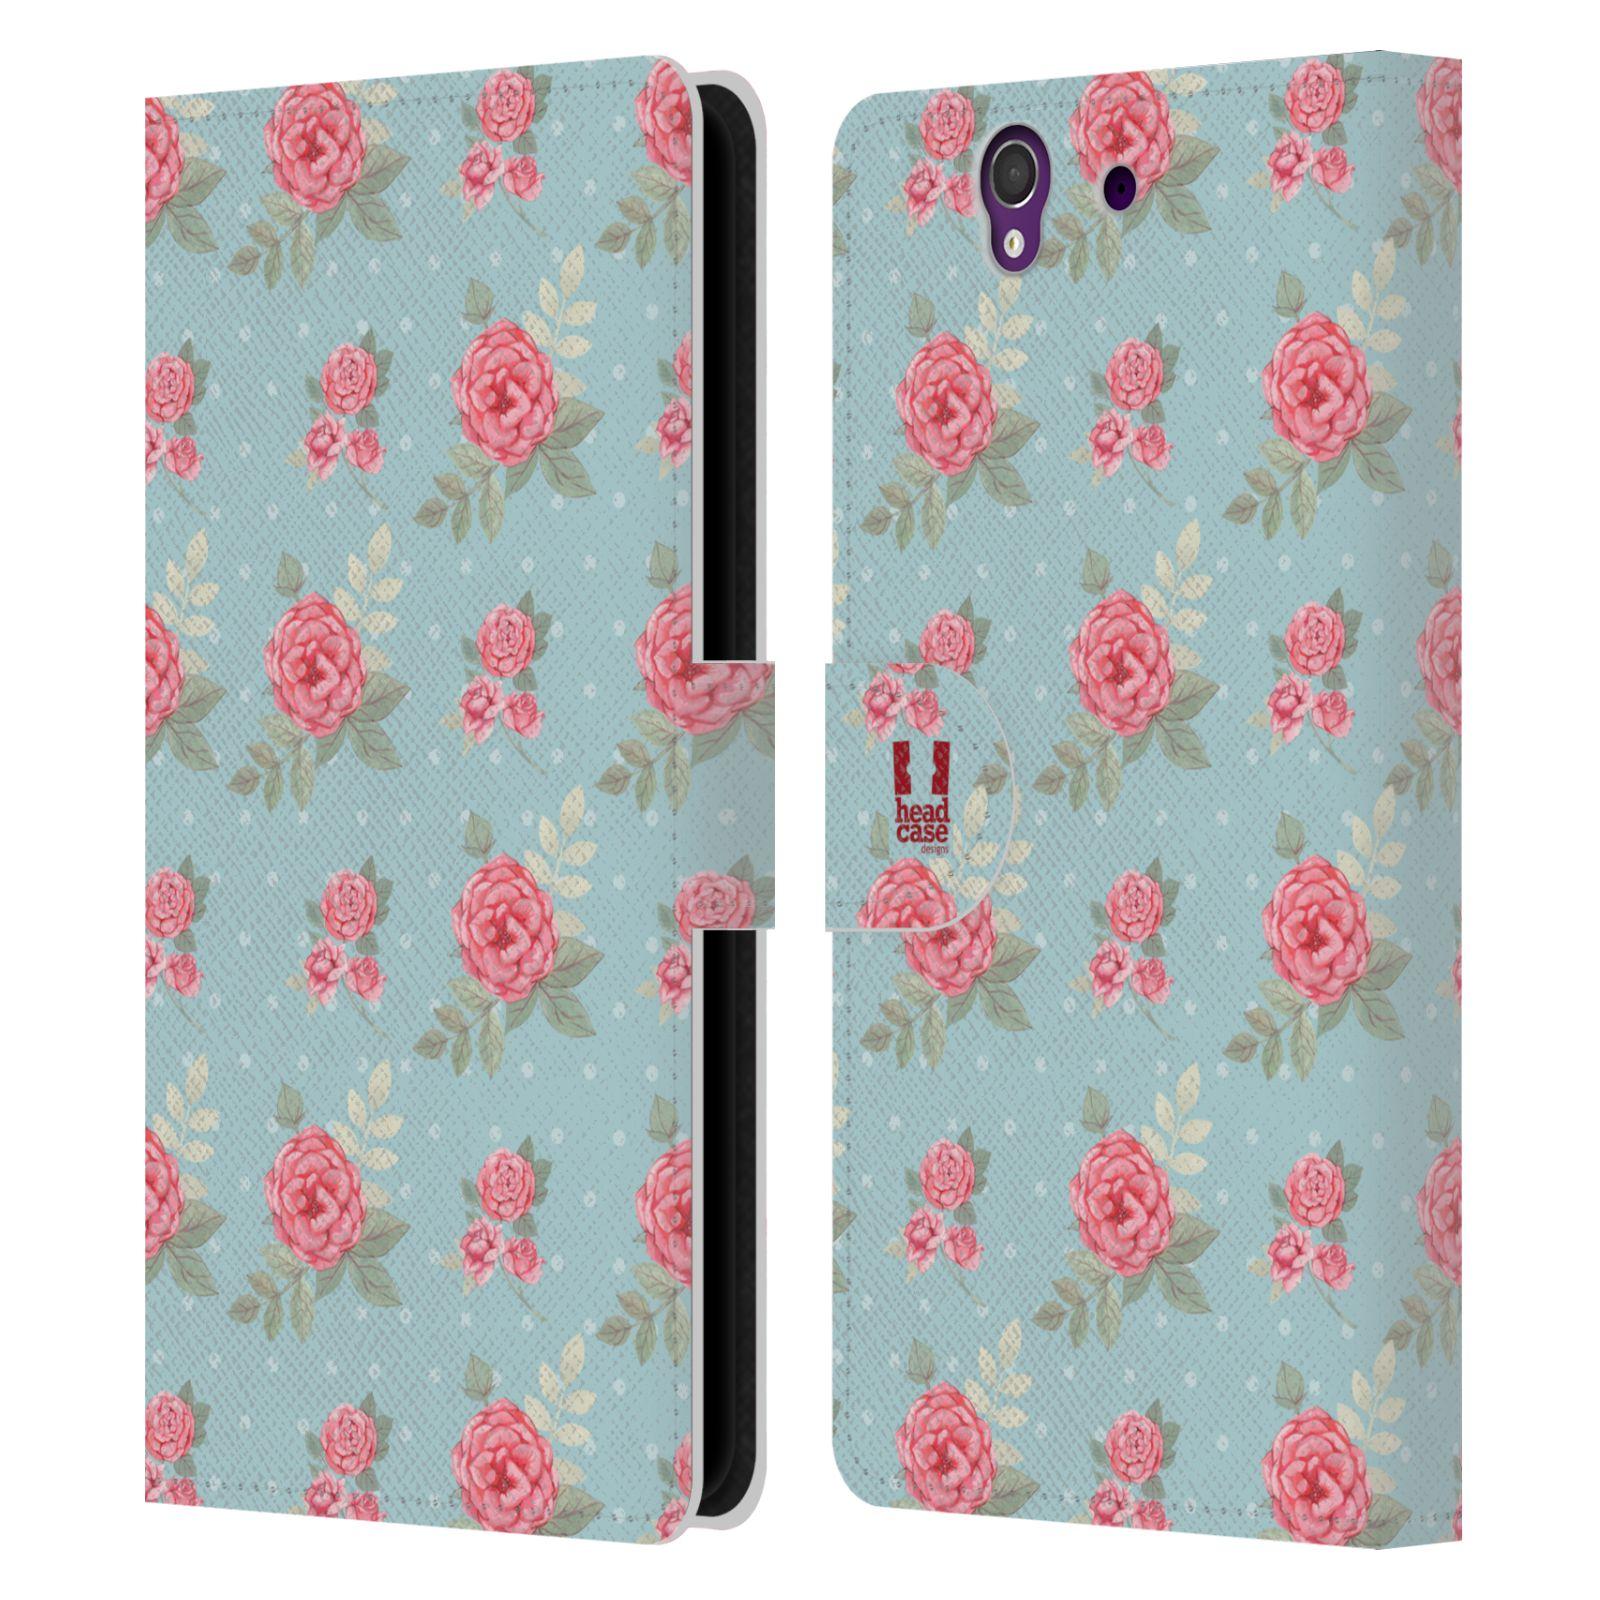 HEAD CASE Flipové pouzdro pro mobil SONY XPERIA Z (C6603) romantické květy anglické růže modrá a růžová